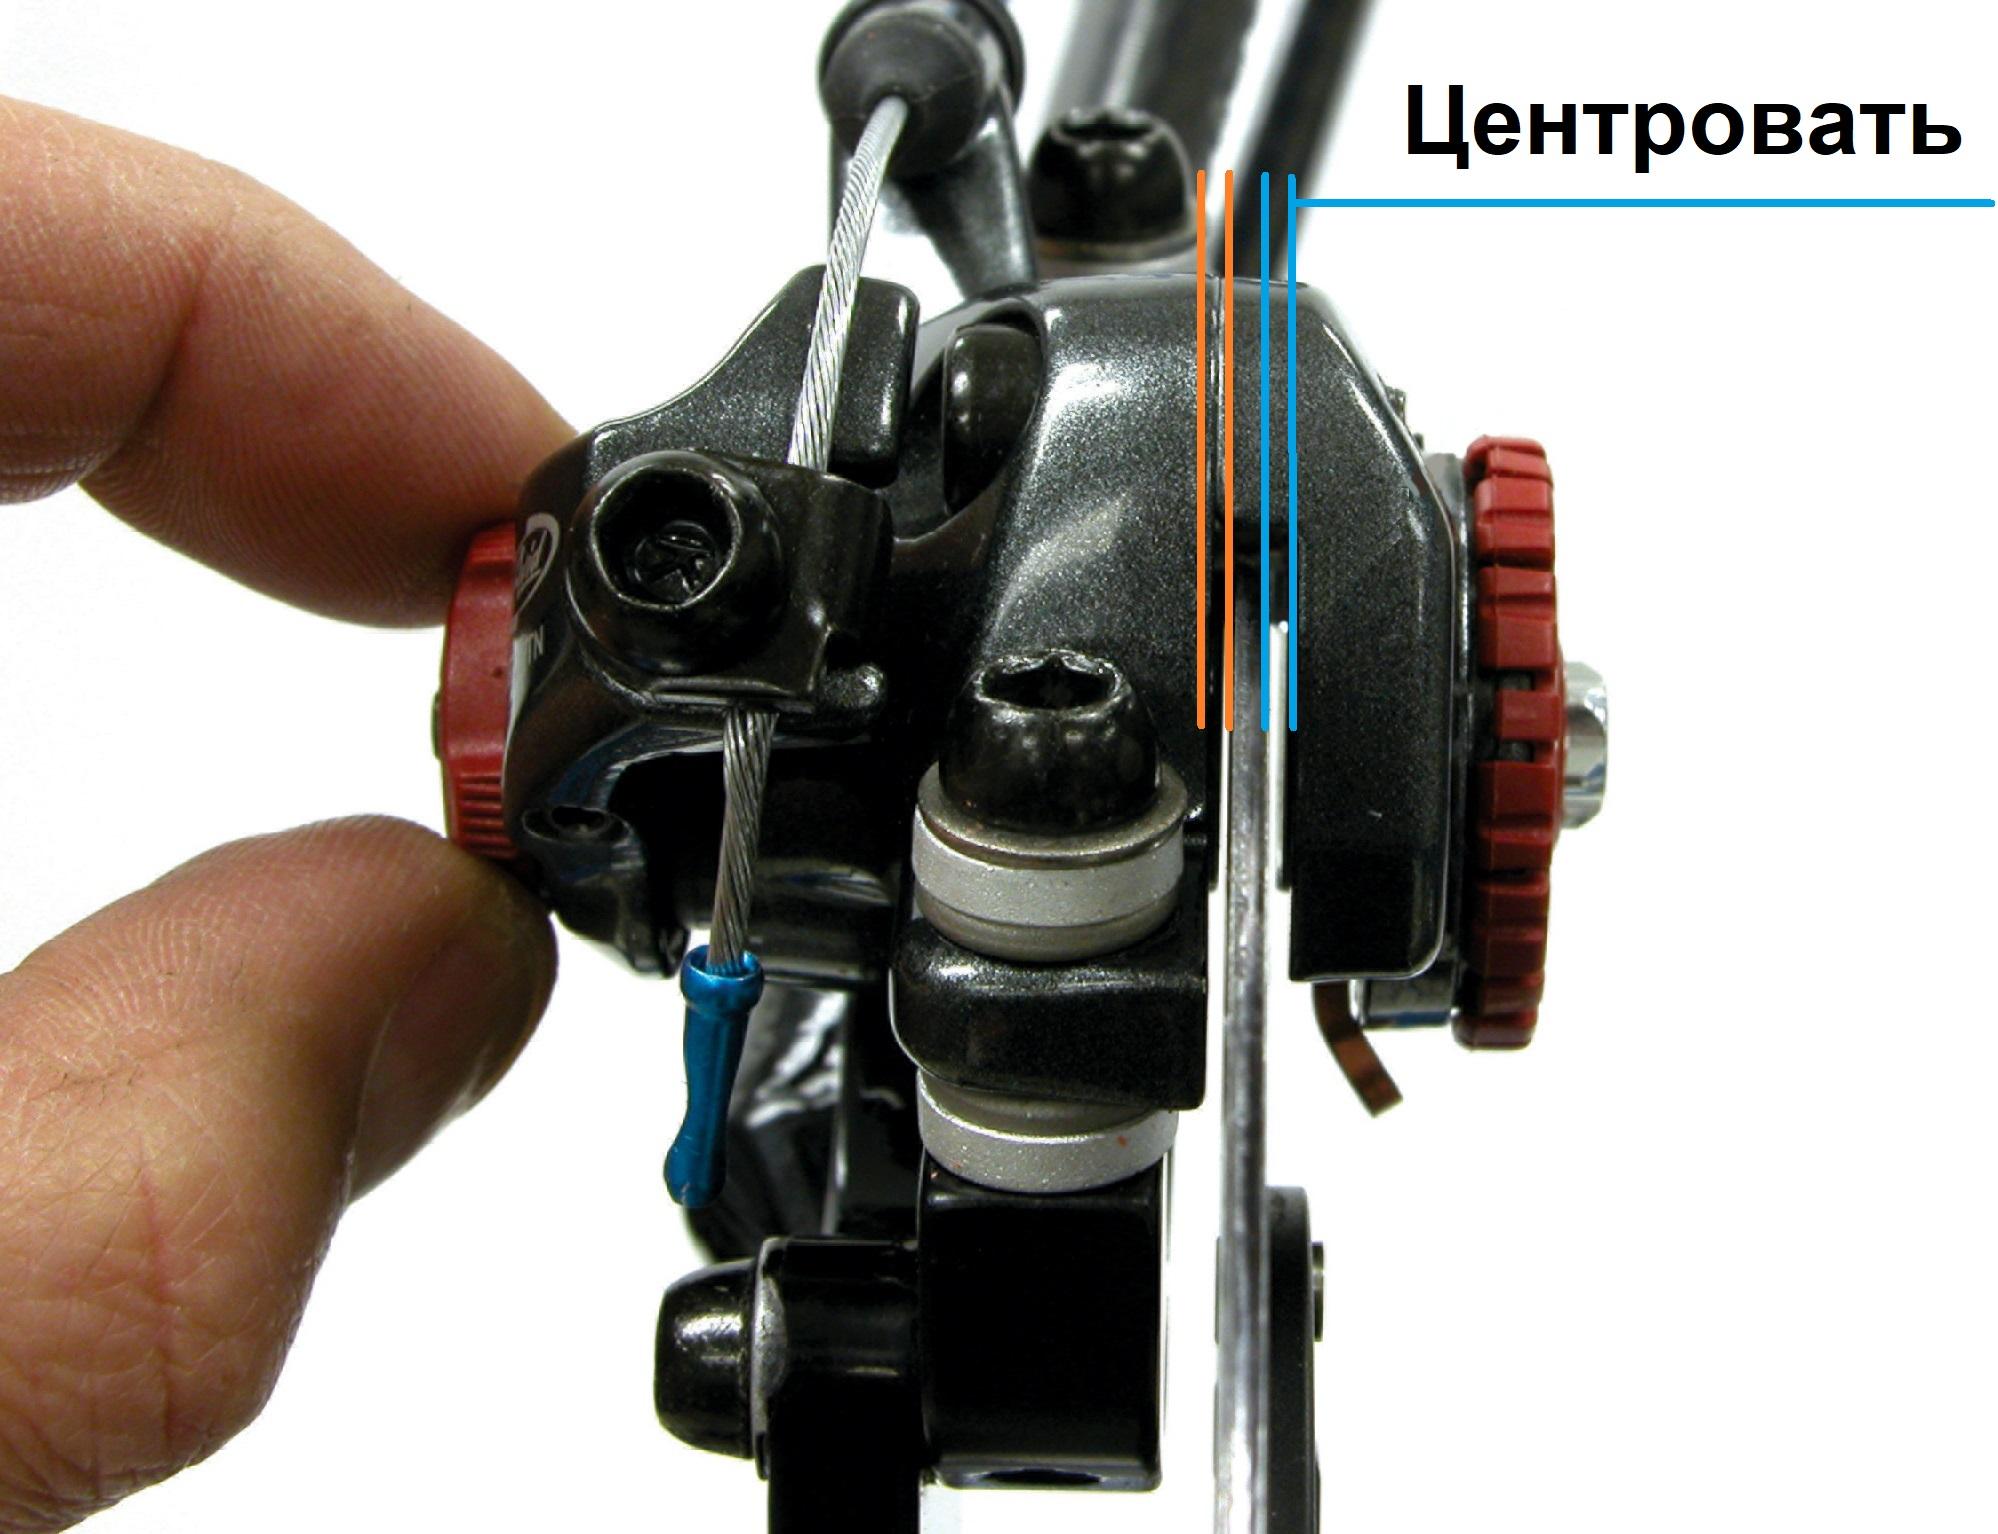 Задний тормоз на велосипеде